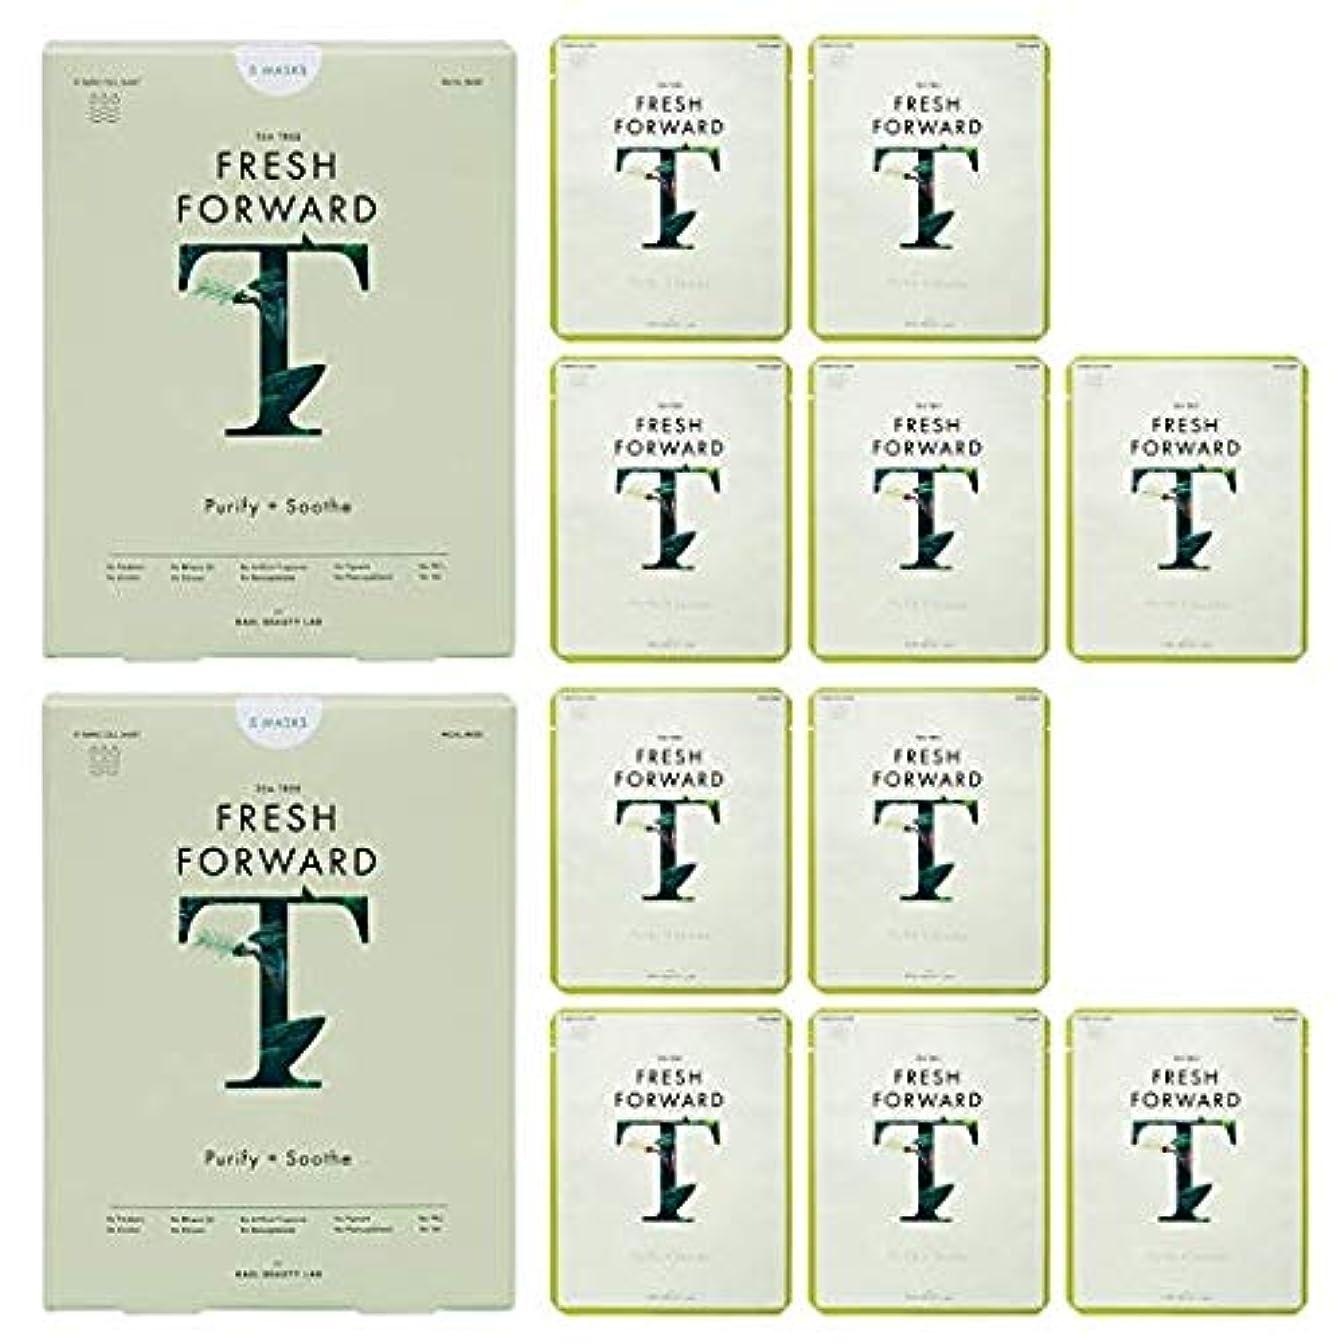 クラブクリーク感謝するRael ティーツリー フェイスマスクパック5個入 x 2 (10個) [並行輸入品]